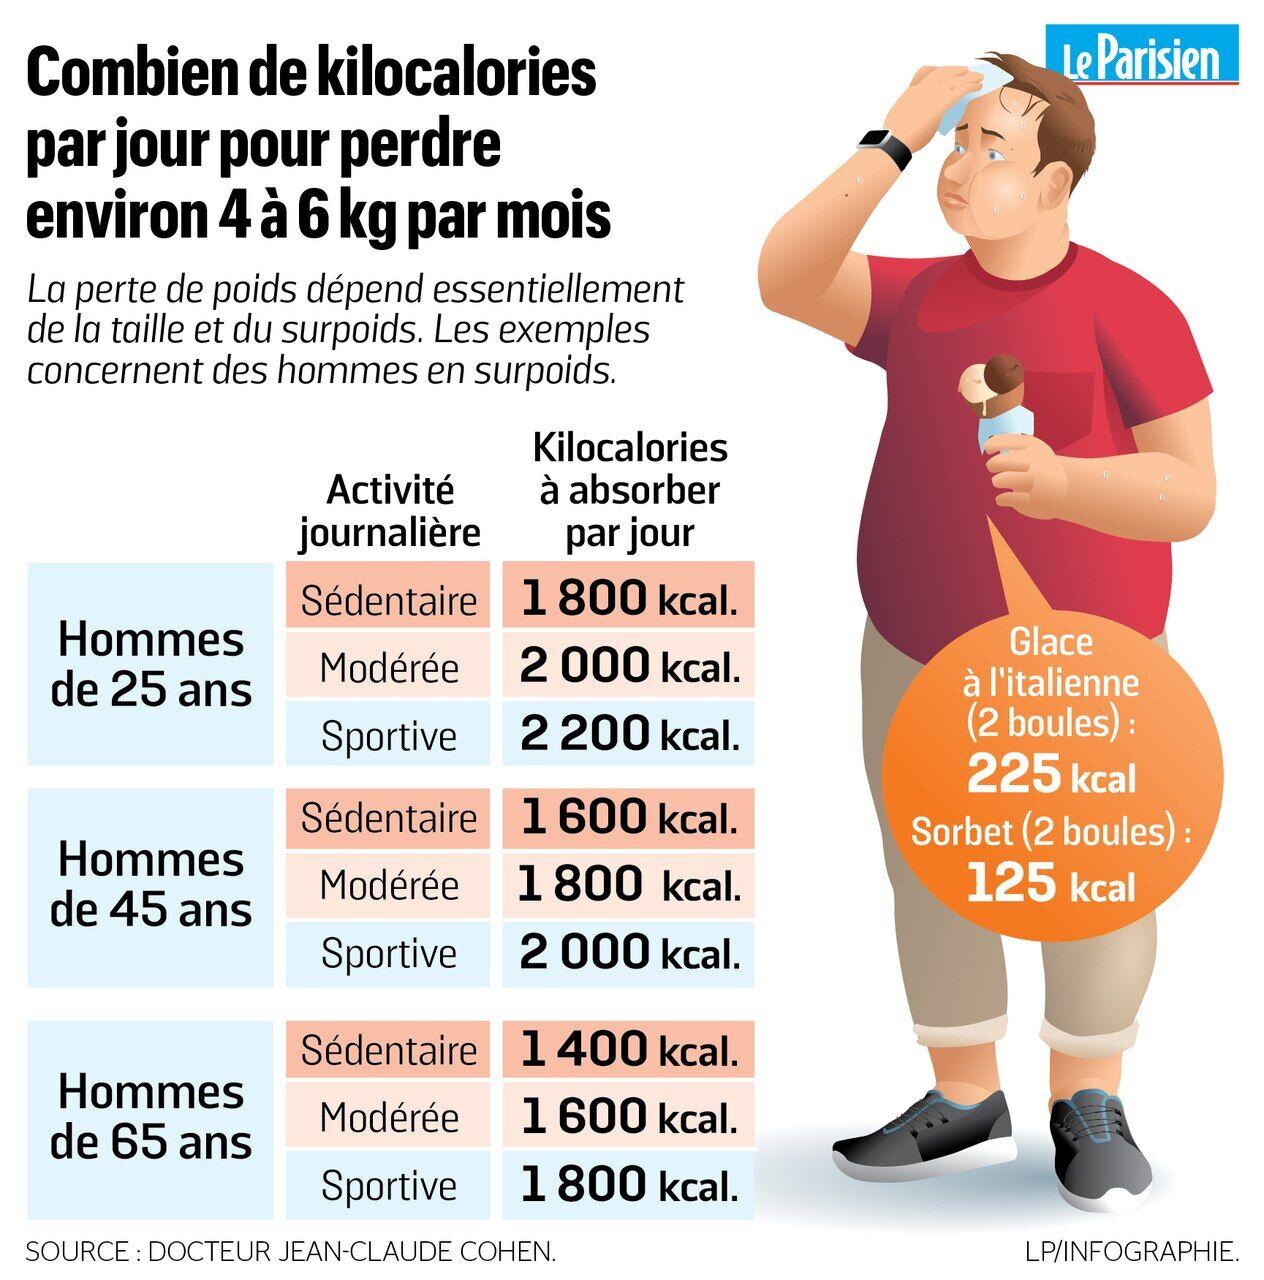 Les petites auraient plus de mal à perdre du poids que les grandes